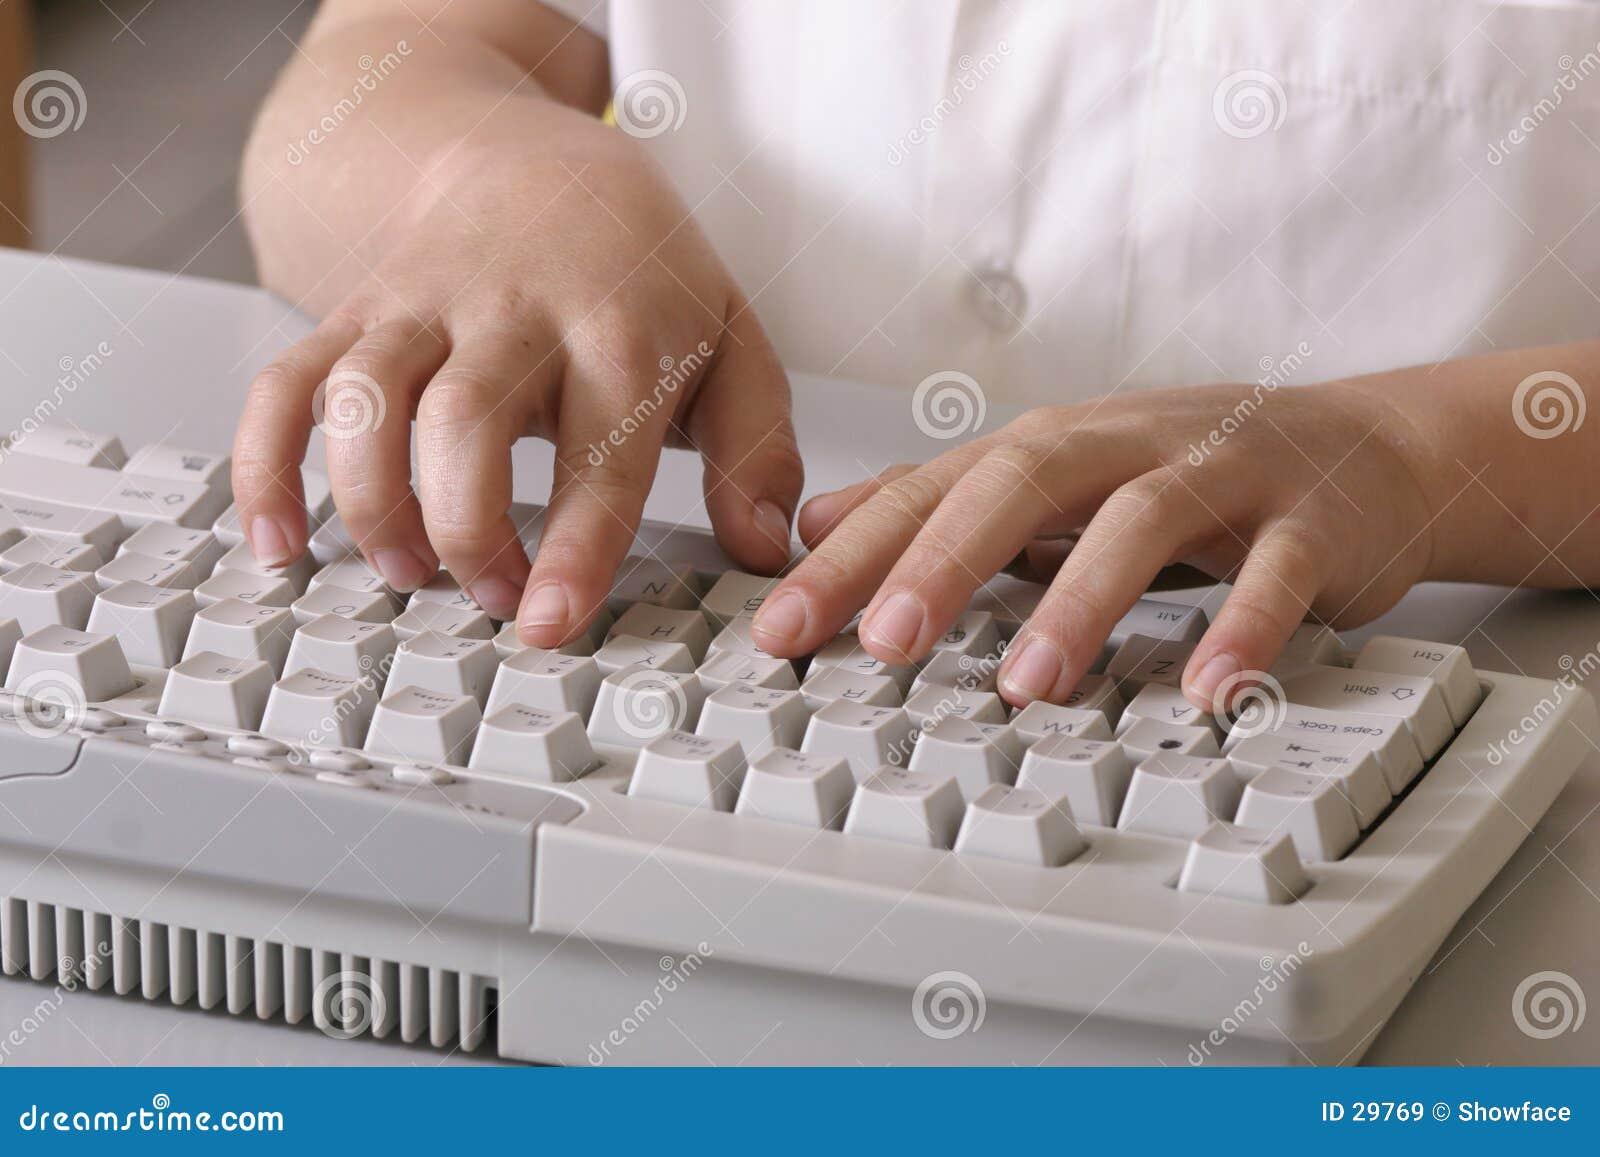 Download Niño en el teclado imagen de archivo. Imagen de niños, claves - 29769